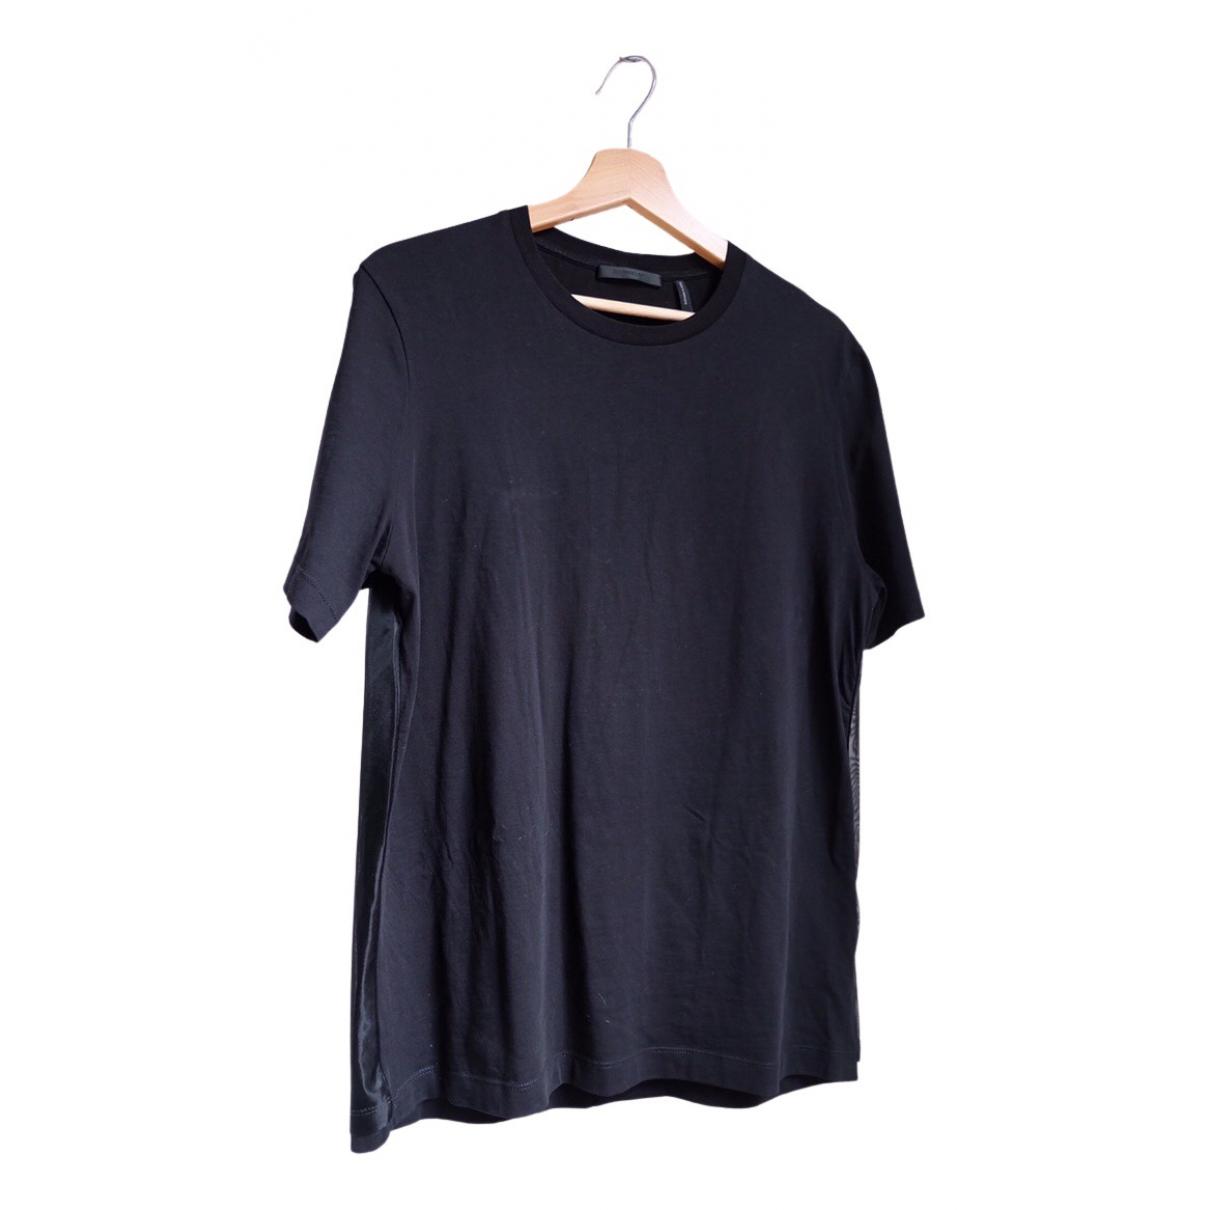 Helmut Lang - Tee shirts   pour homme en coton - noir